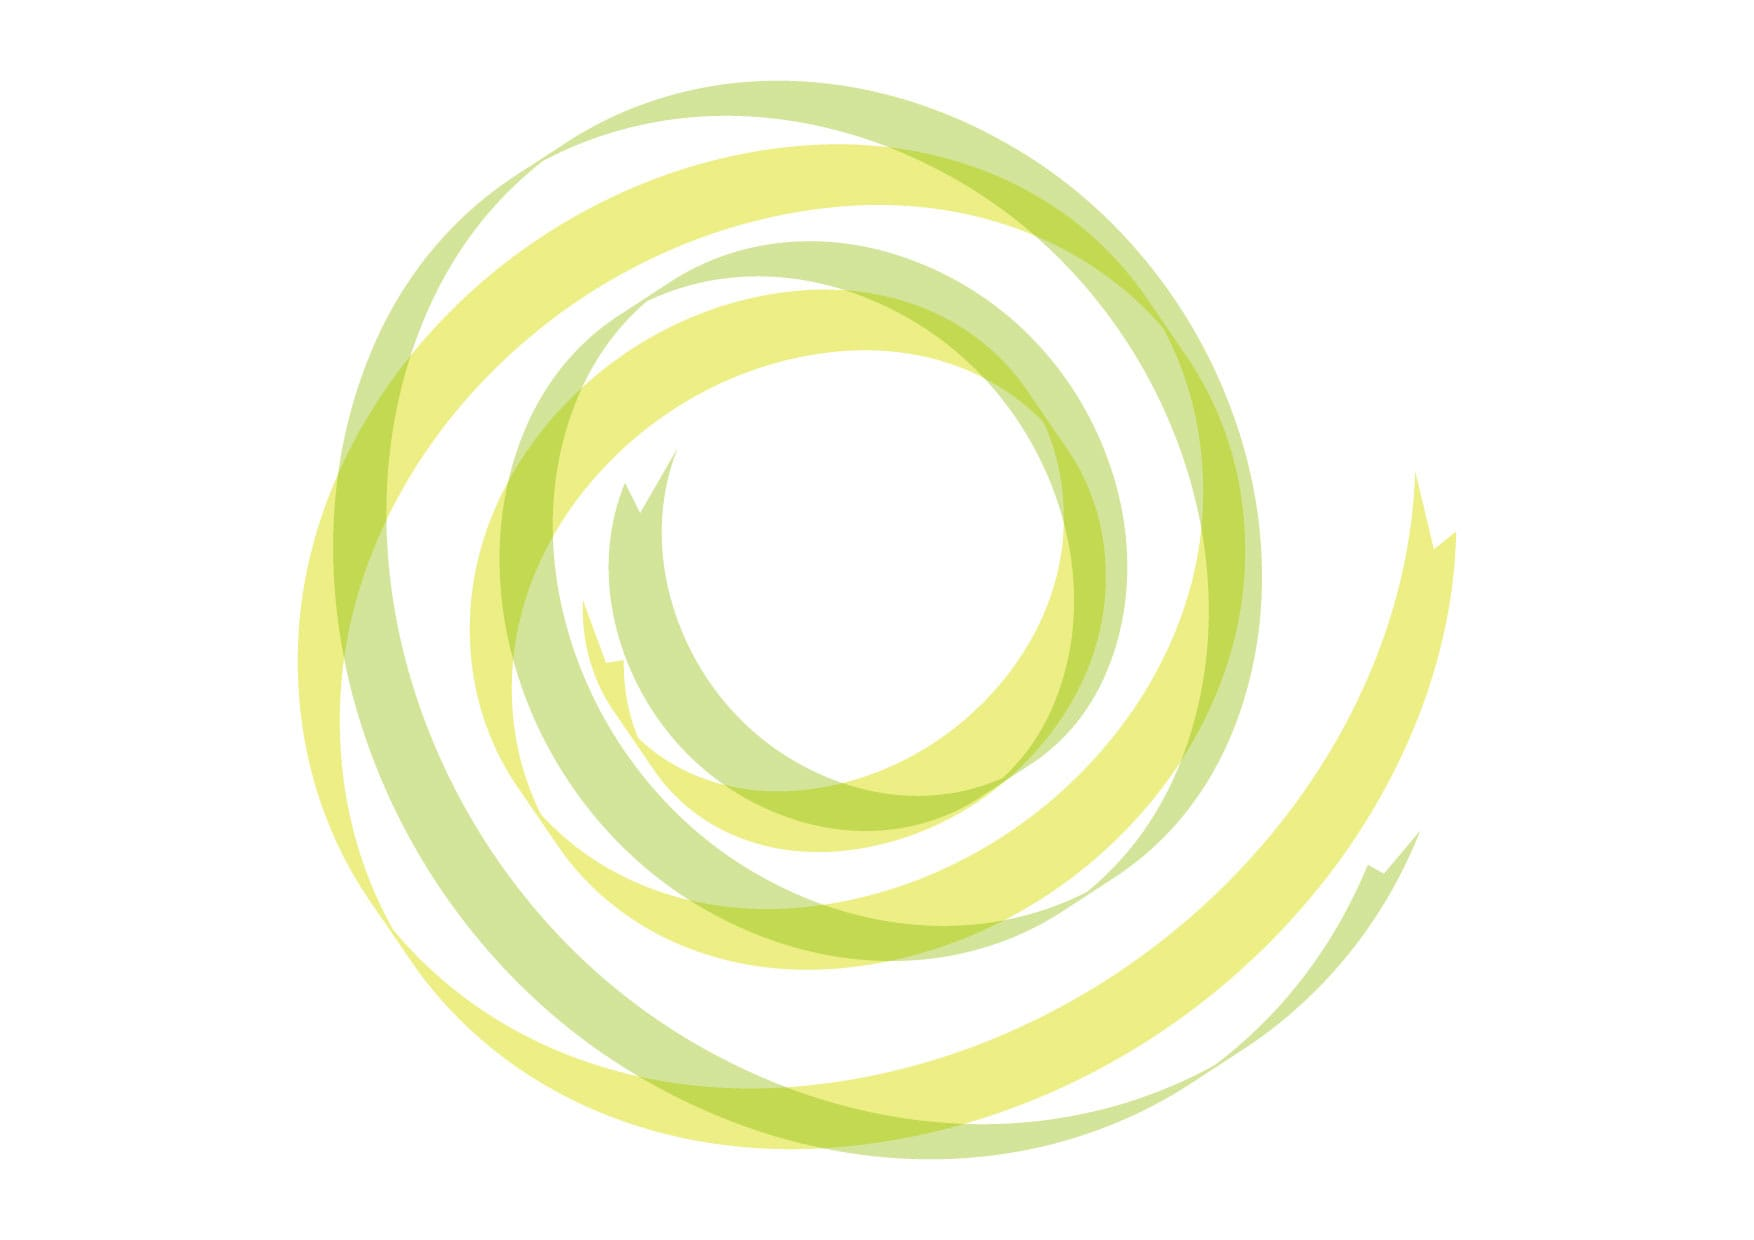 リボン 背景 カール 黄色 緑色 イラスト 無料